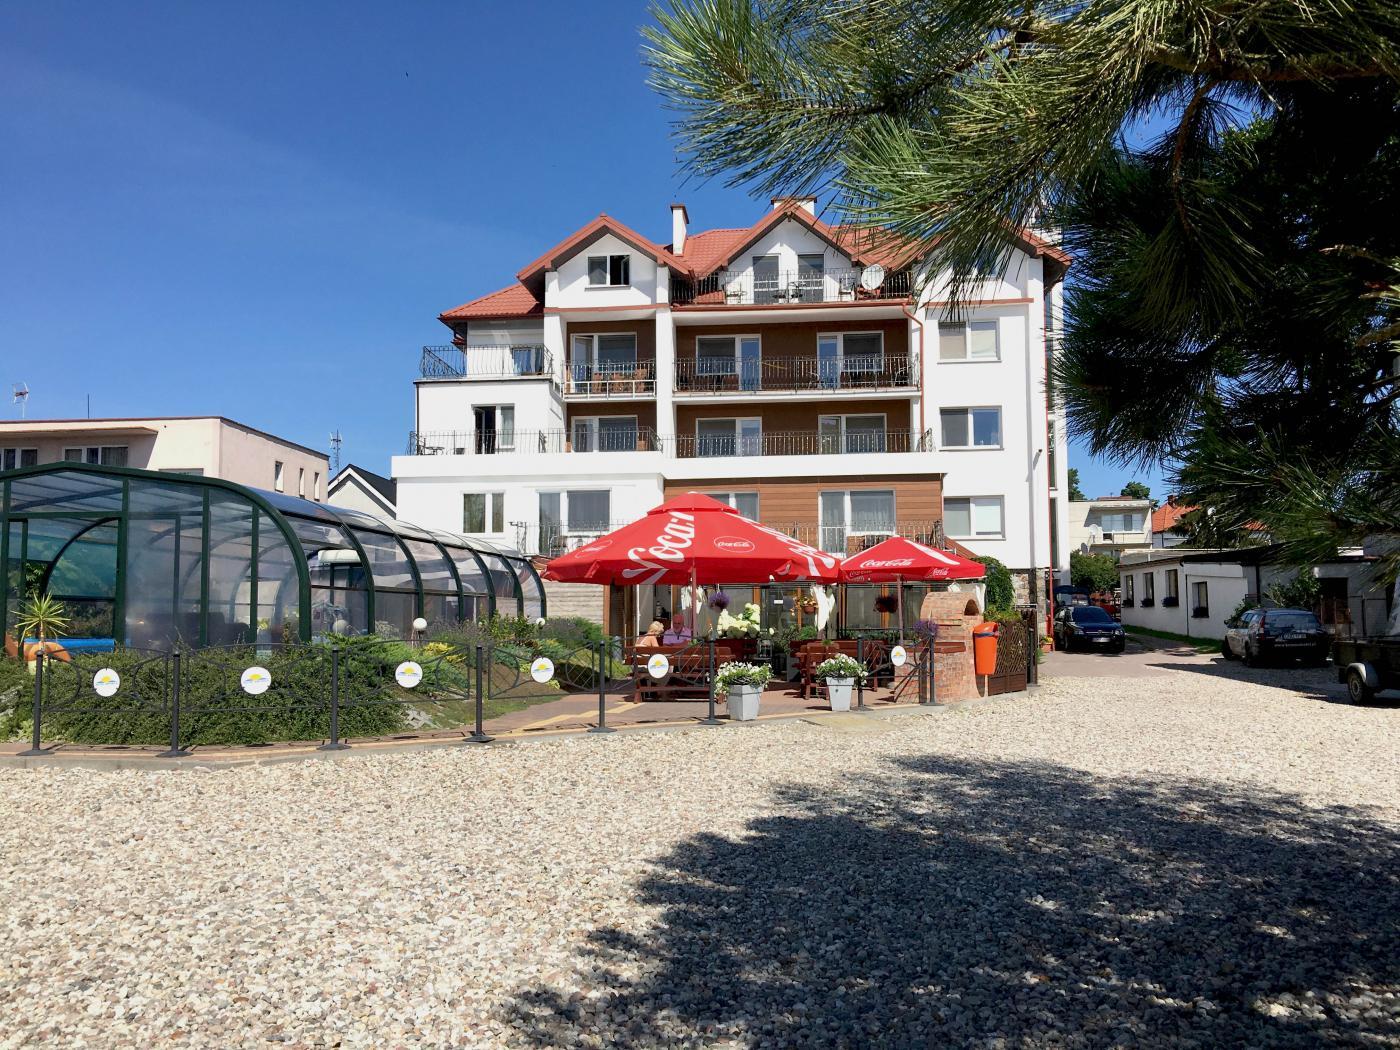 Hotel Port 21 - Krynica Morska - noclegi przy play